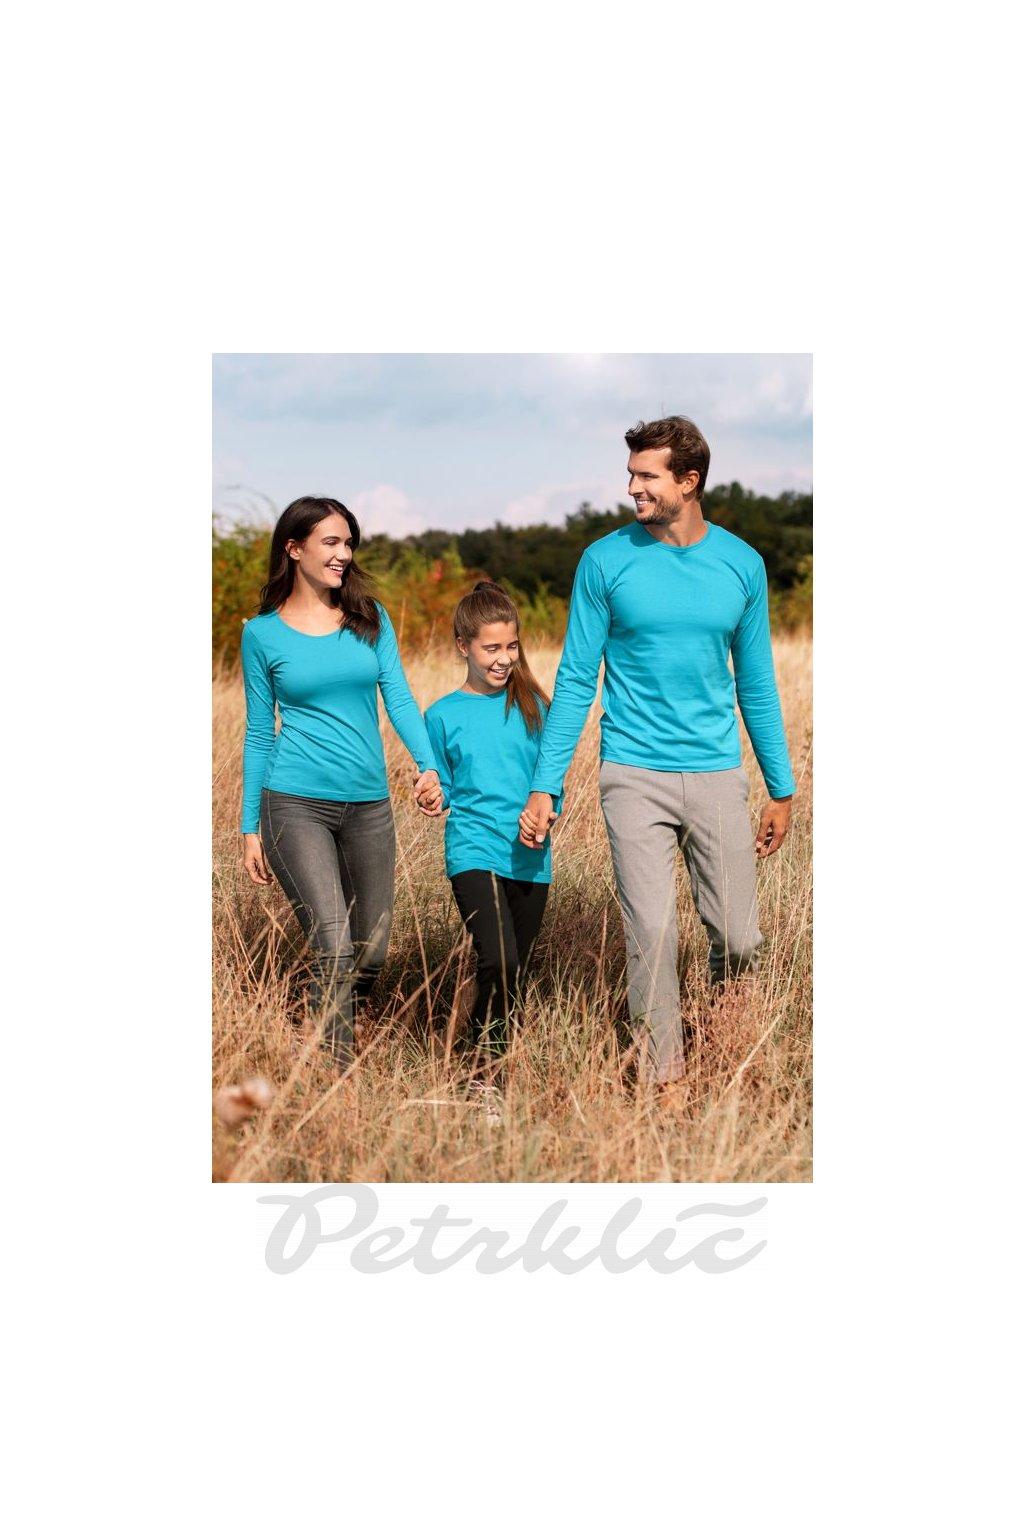 Dámské bavlněné tričko s dlouhým rukávem Fit T LS 169 m